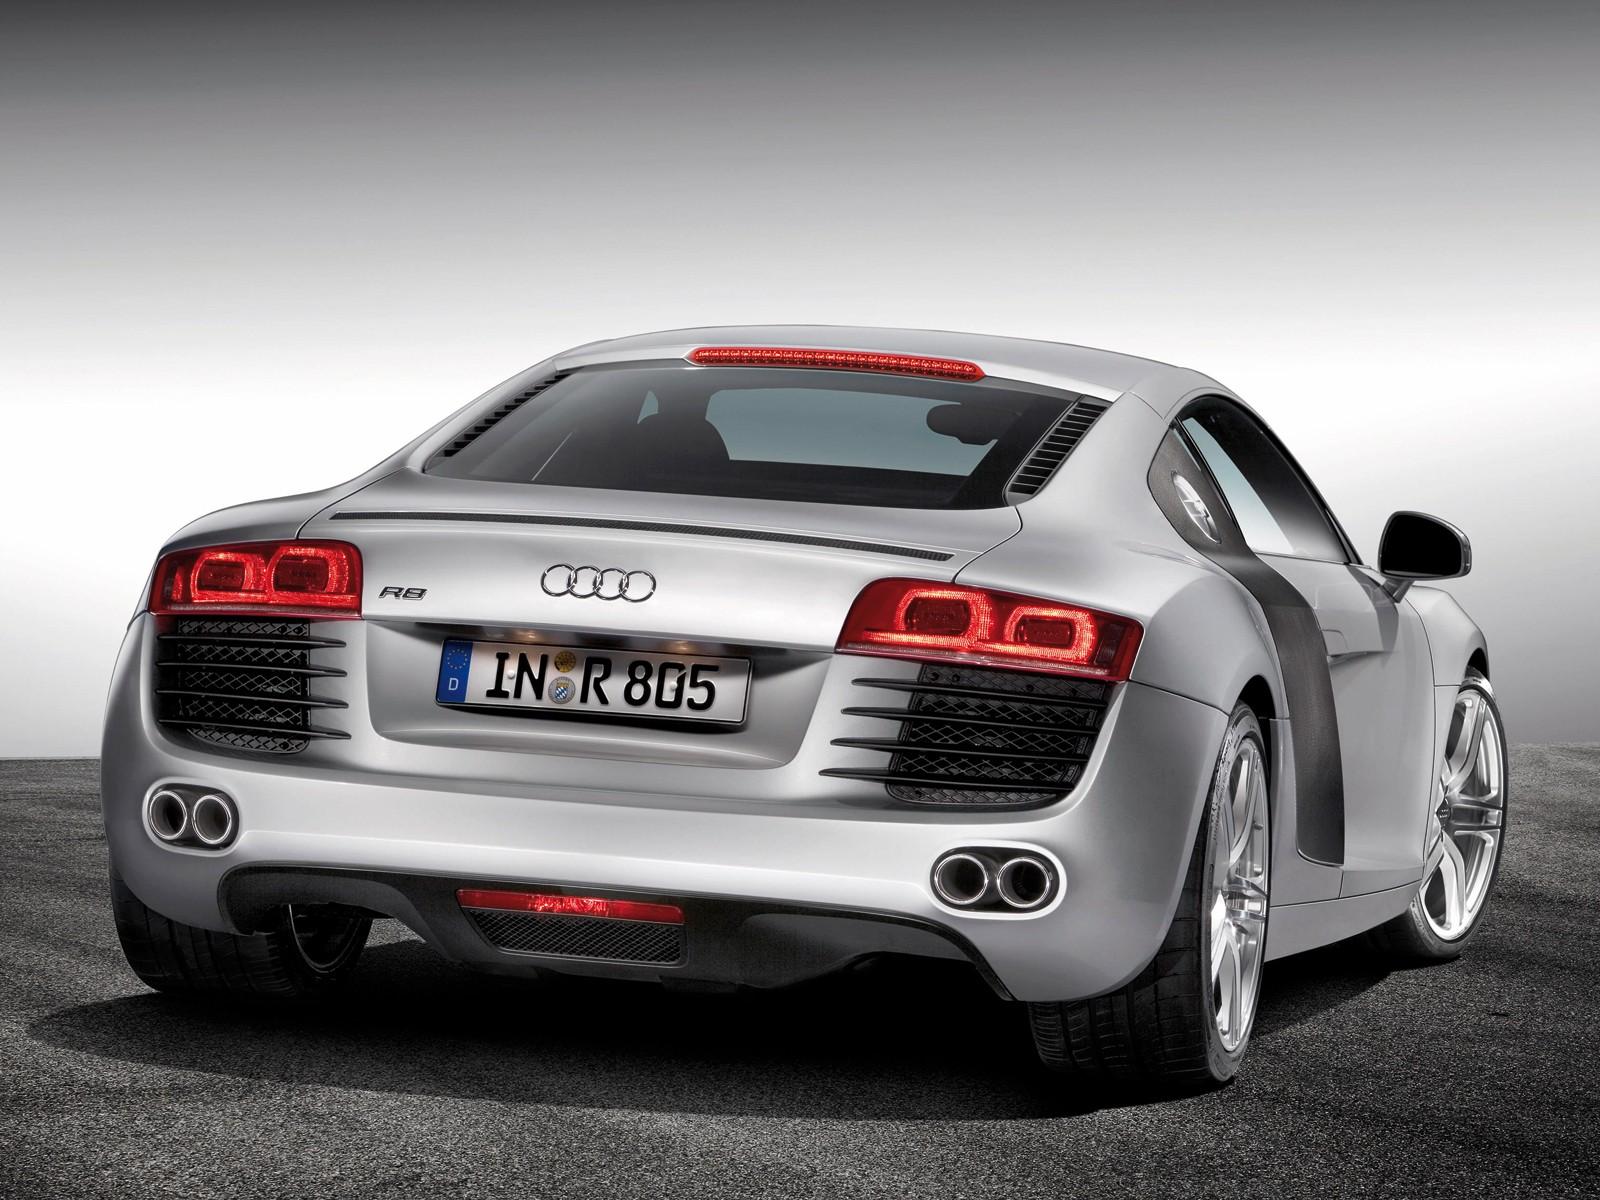 Audi R8 V8 Rear Wallpaper Gallery Free